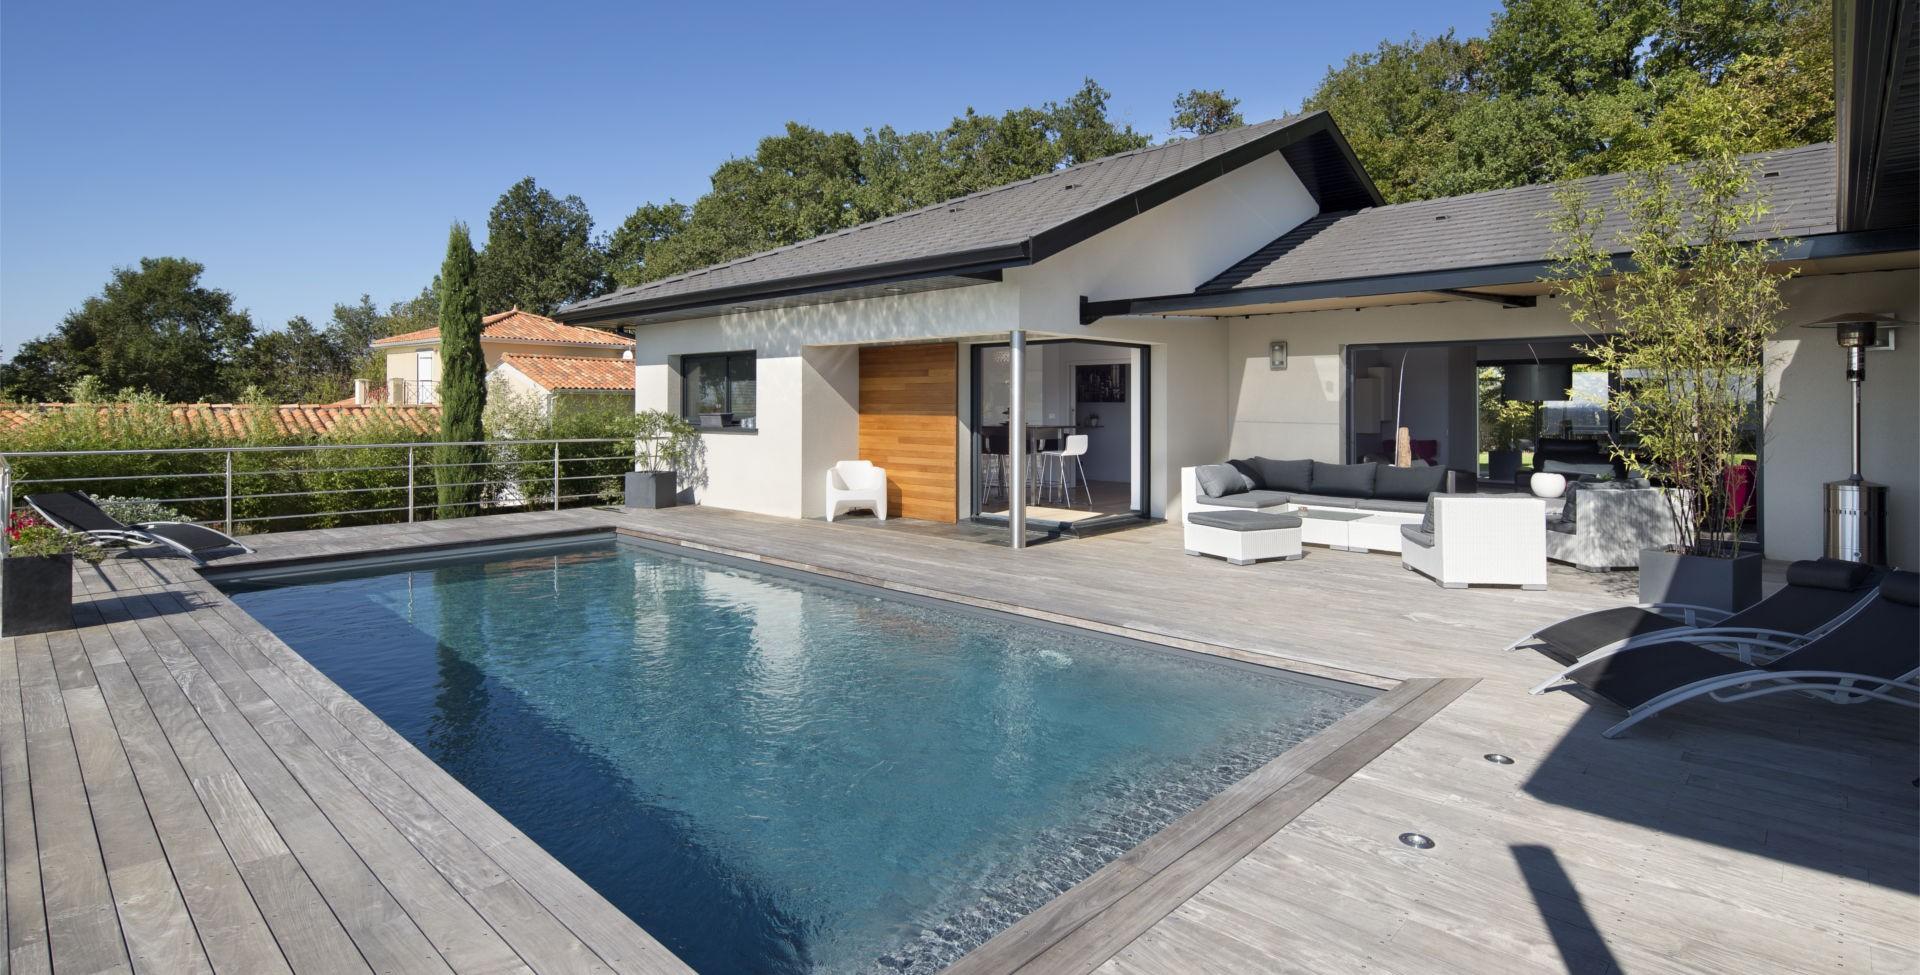 Maison neuve avec terrasse ECC Ets Da Costa